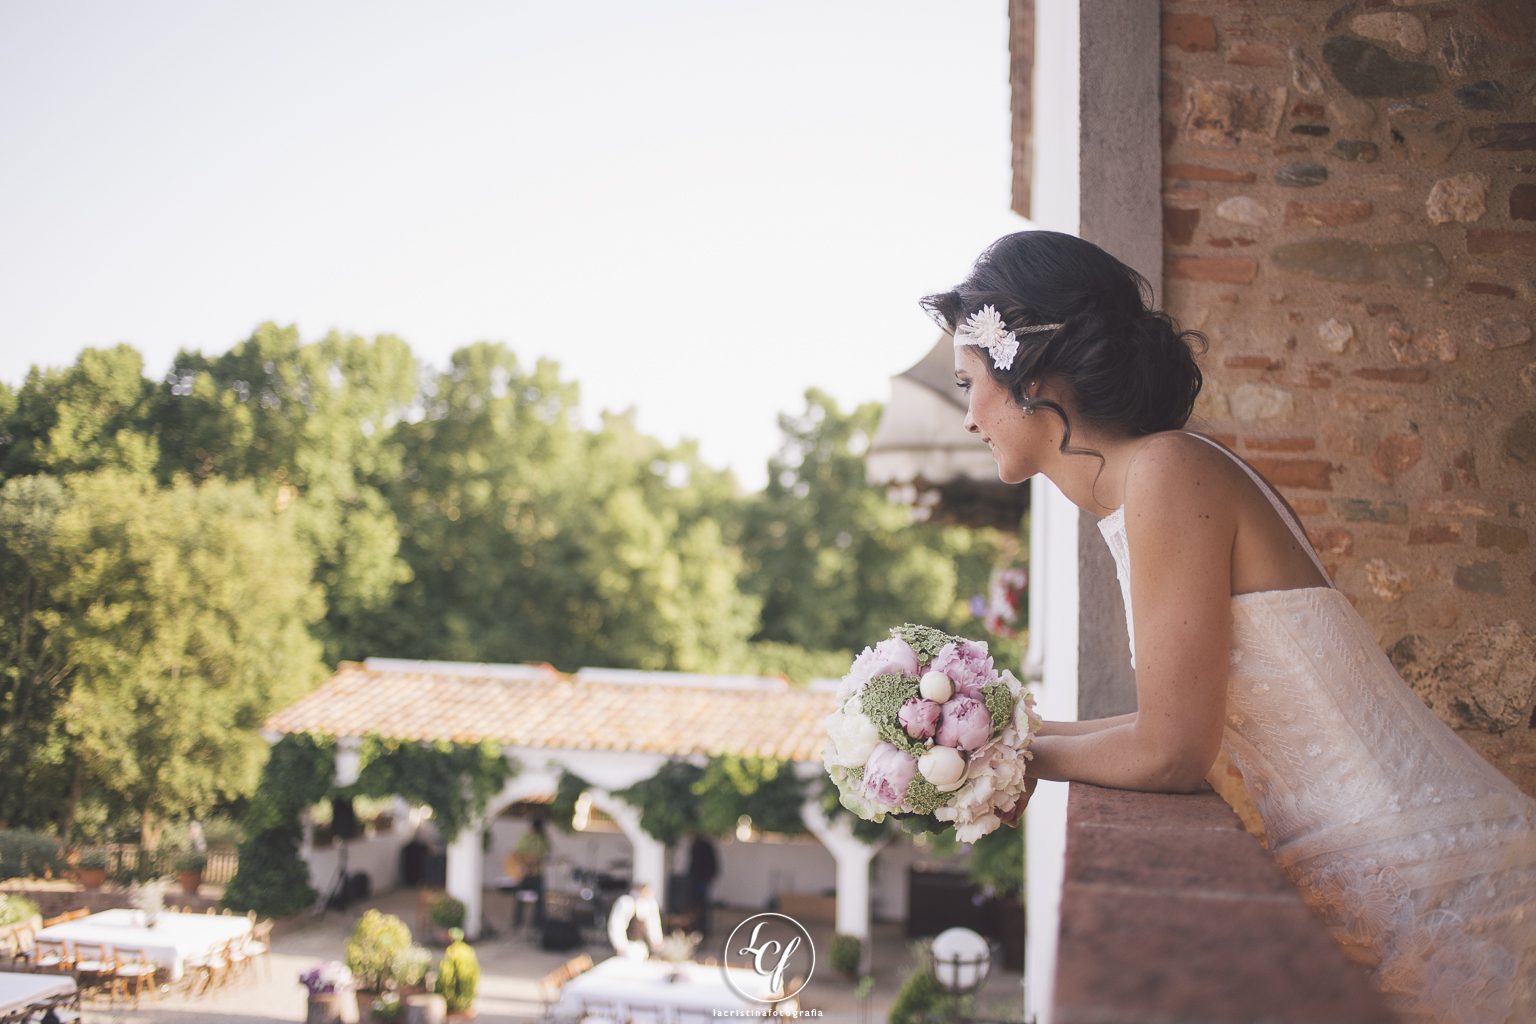 Fotógrafo de boda Barcelona :: Fotografía de boda en Barcelona :: Boda en una masía :: Fotografía de boda natural